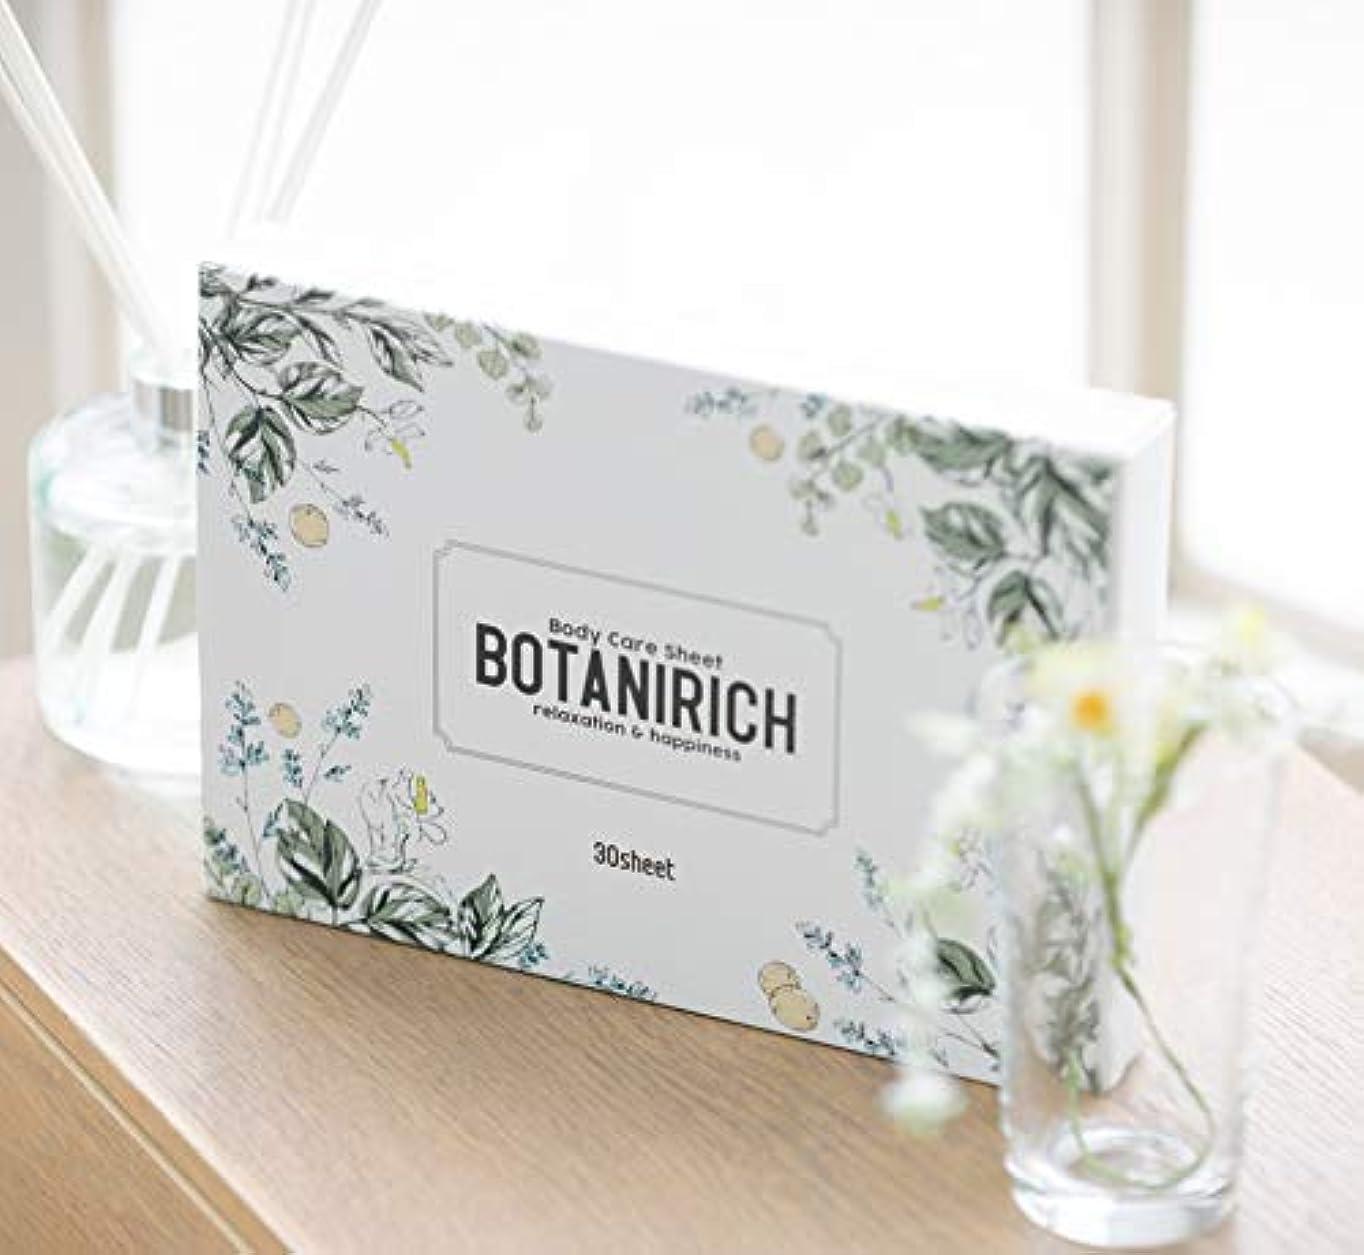 後方にしみにBOTANIRICH ボタニリッチ 医療機器取得の樹液シート 30枚 足裏シート 足スッキリ